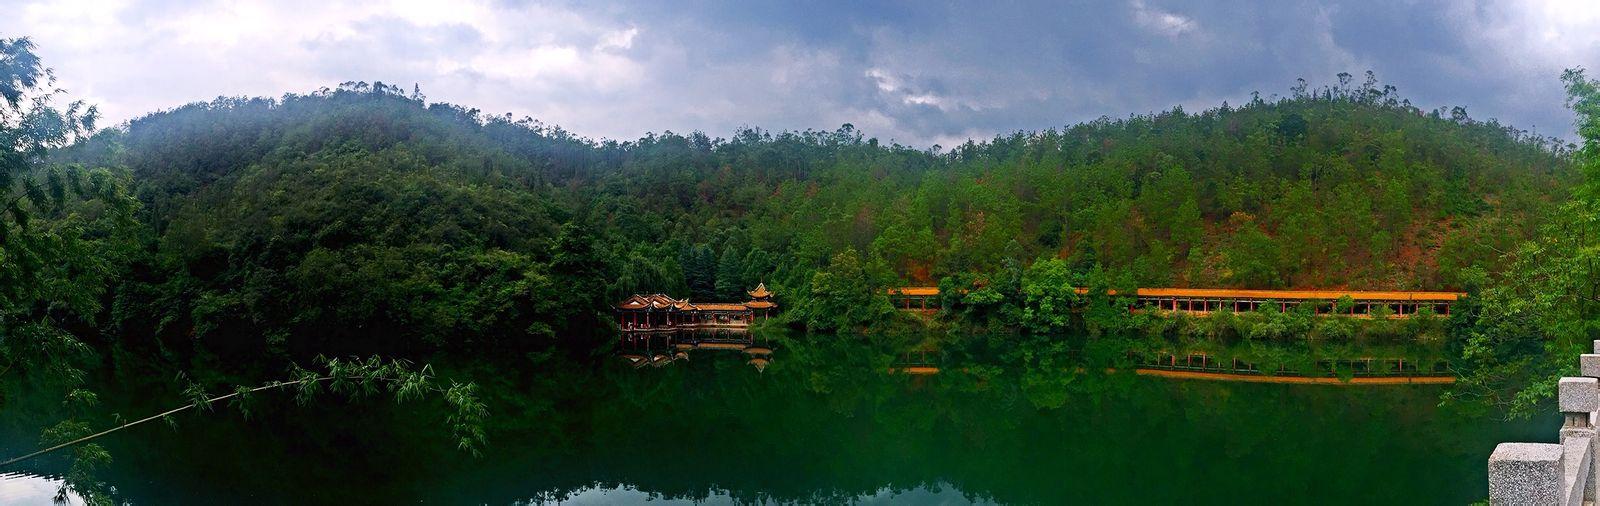 绿水全景(龙泉国家森林公园)图片